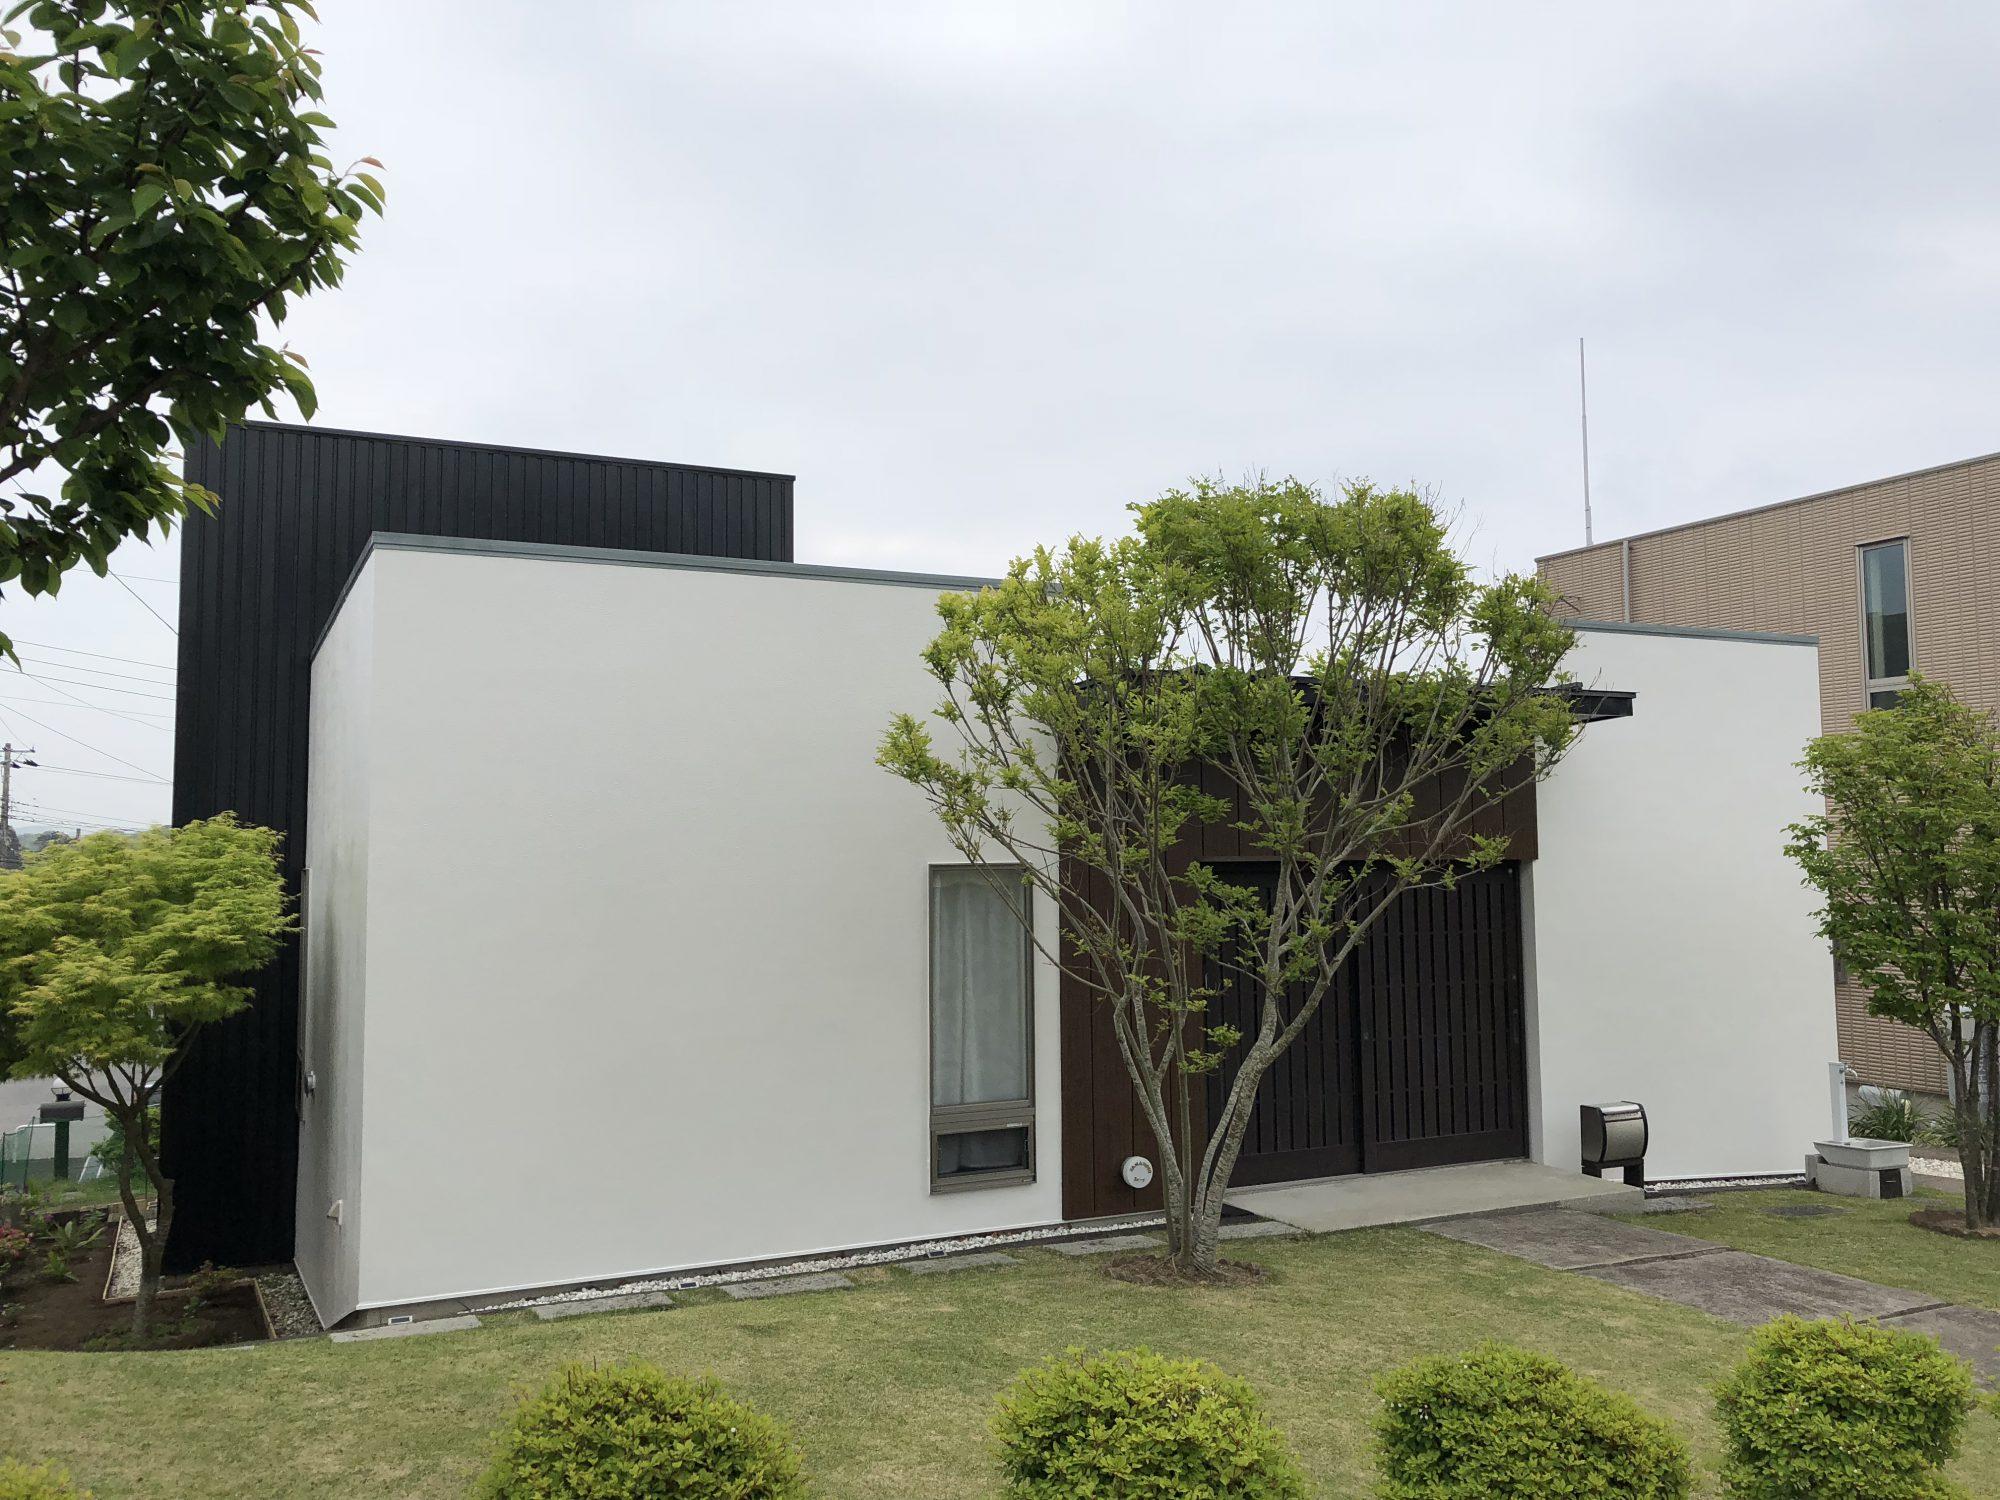 勝浦市Y様邸屋根外壁塗装工事 After